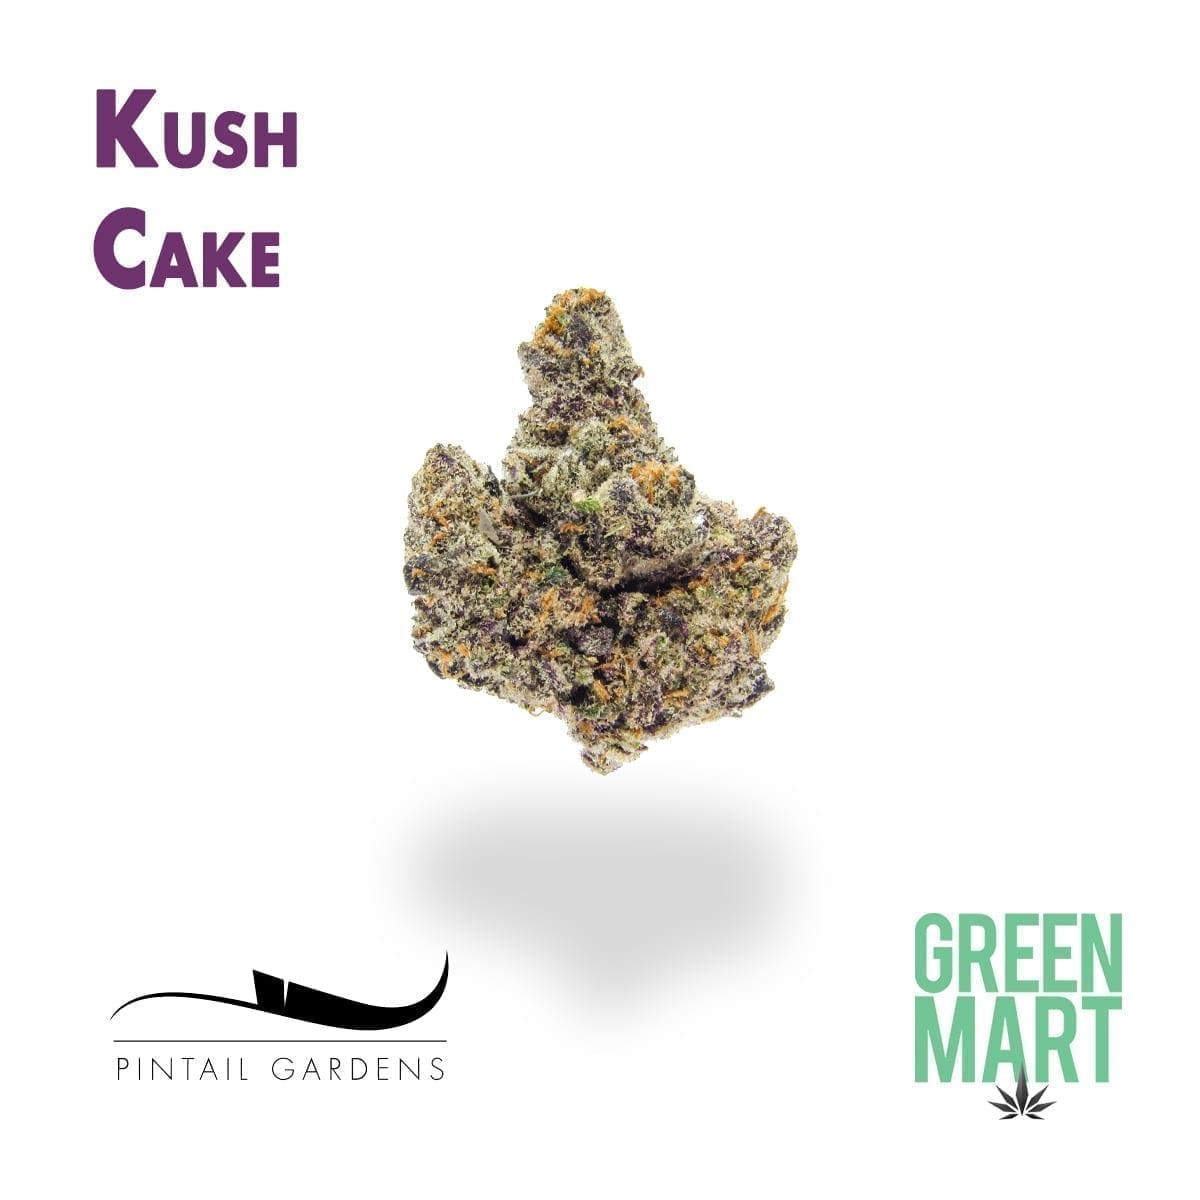 Kush Cake by Pintail Gardens